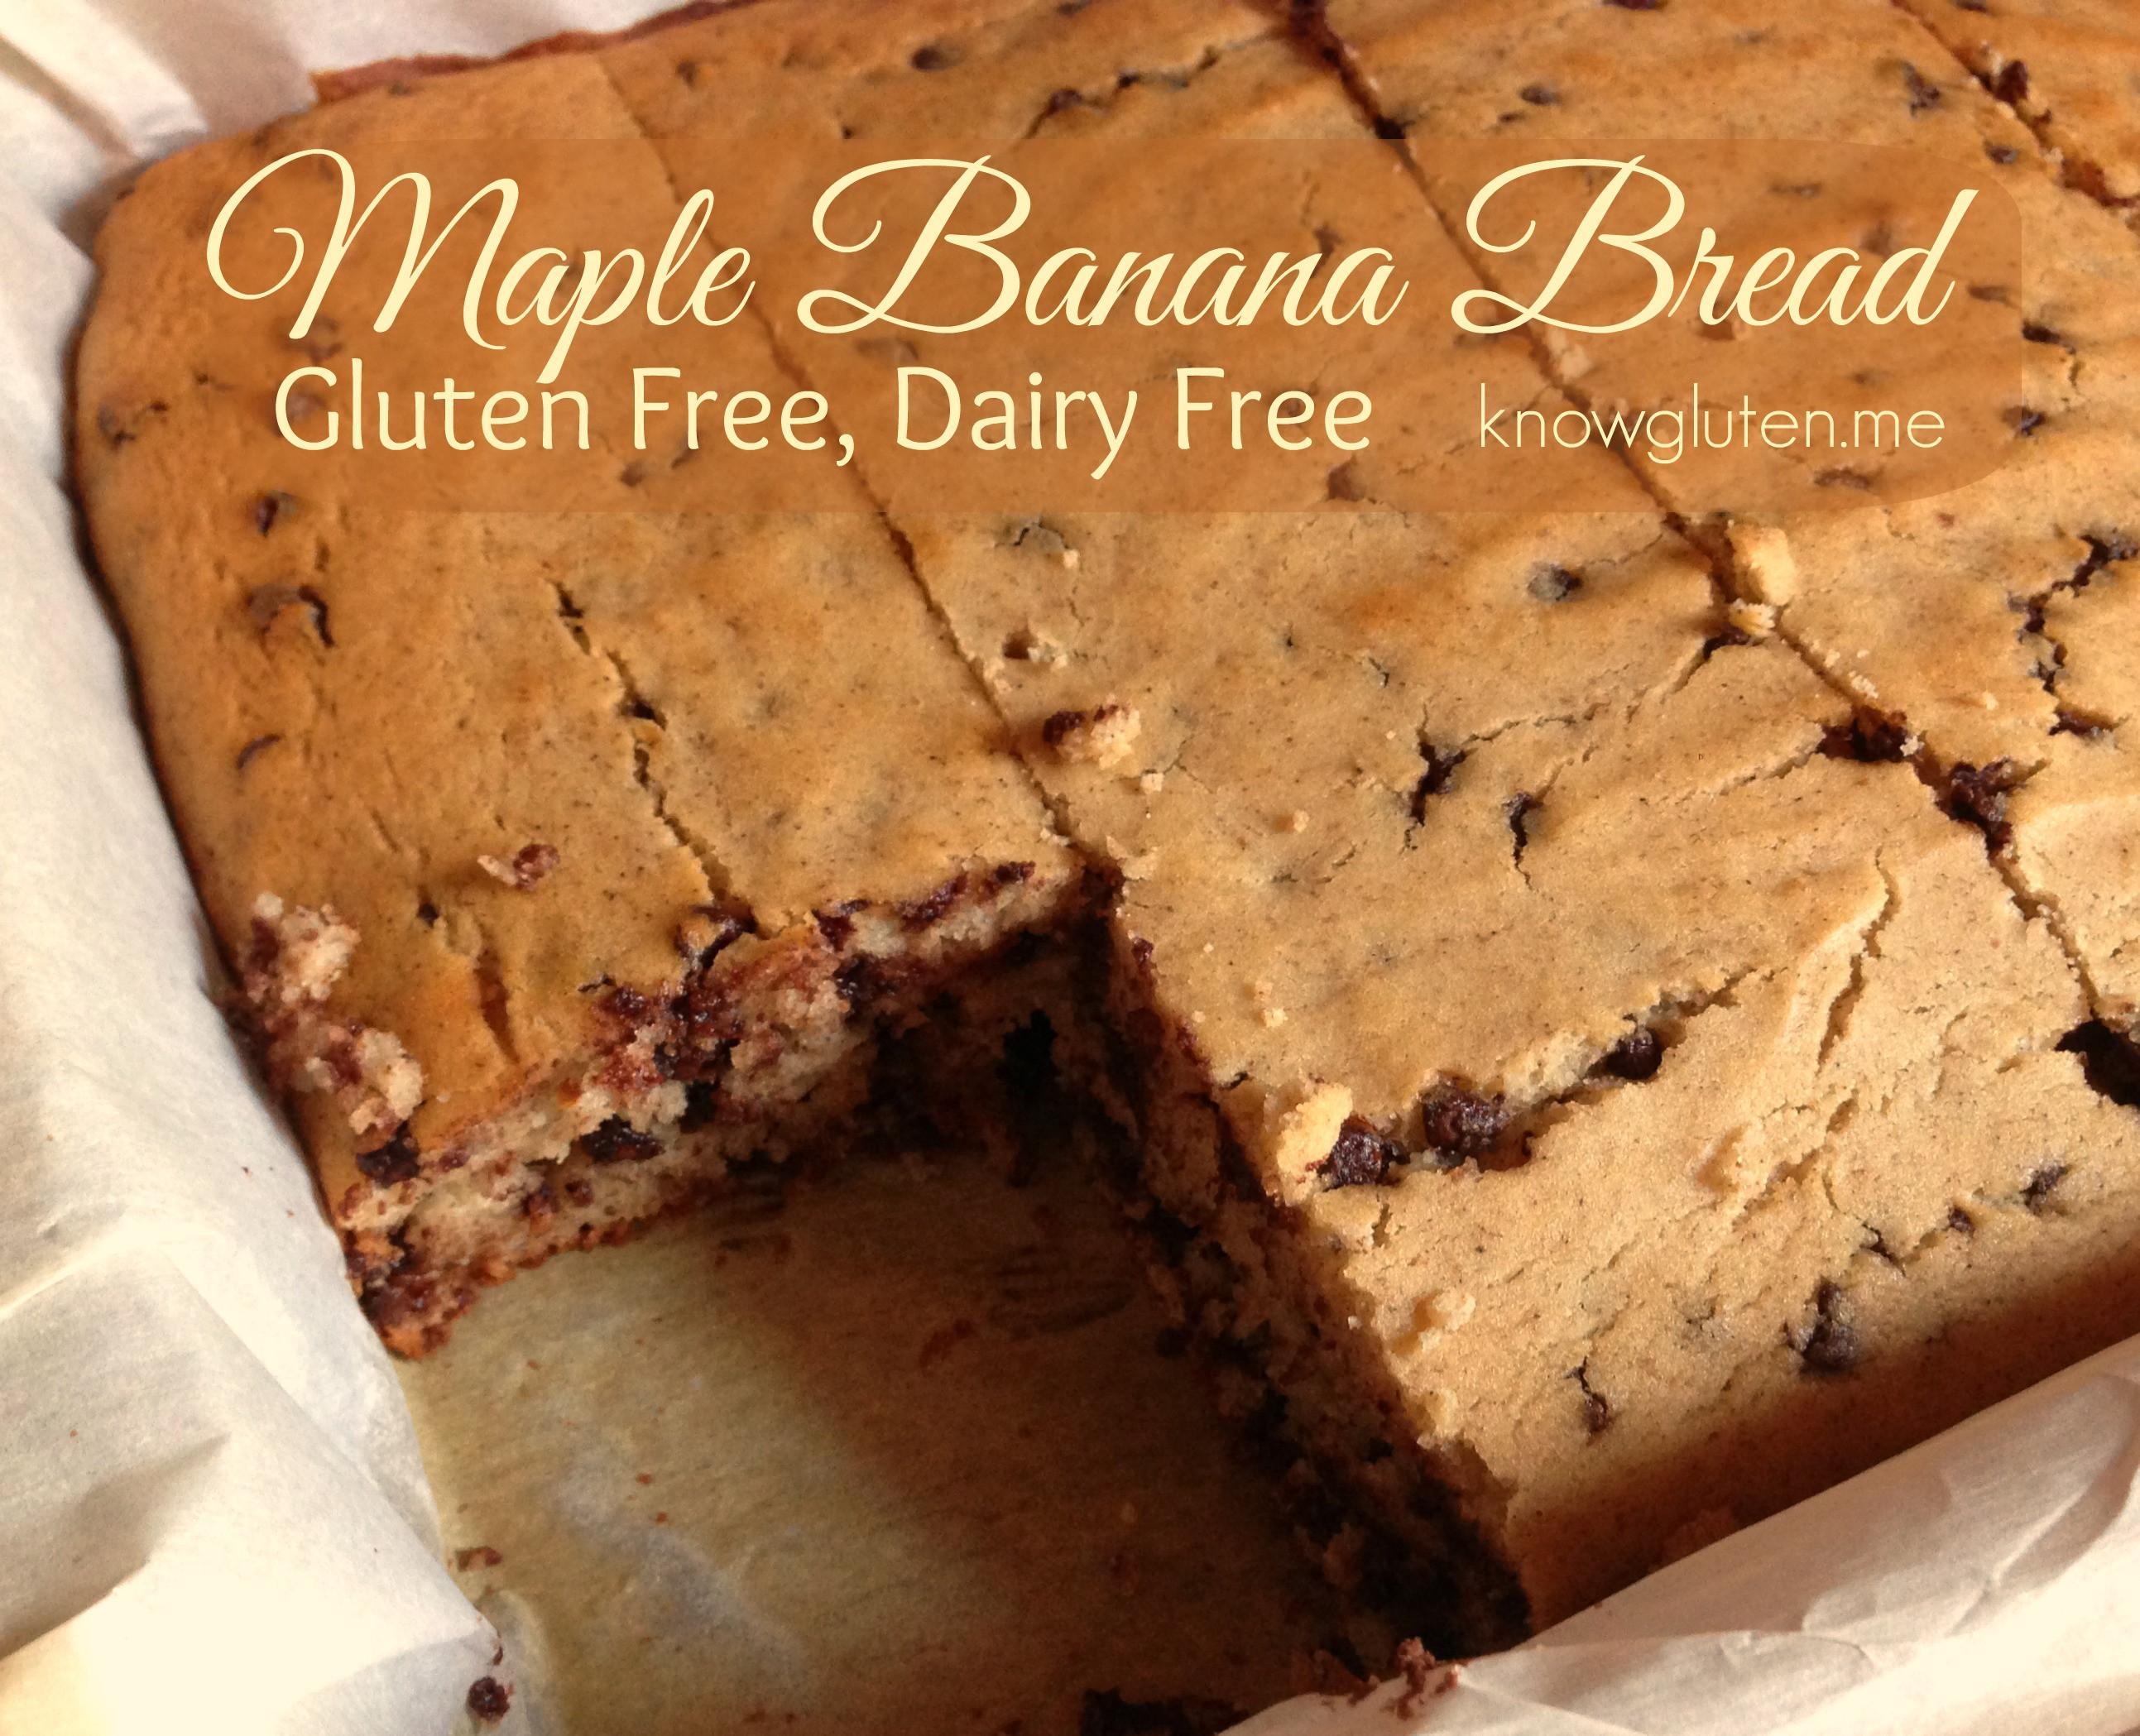 Gluten Free Dairy Free Bread  Gluten Free Dairy Free Maple Banana Bread know gluten